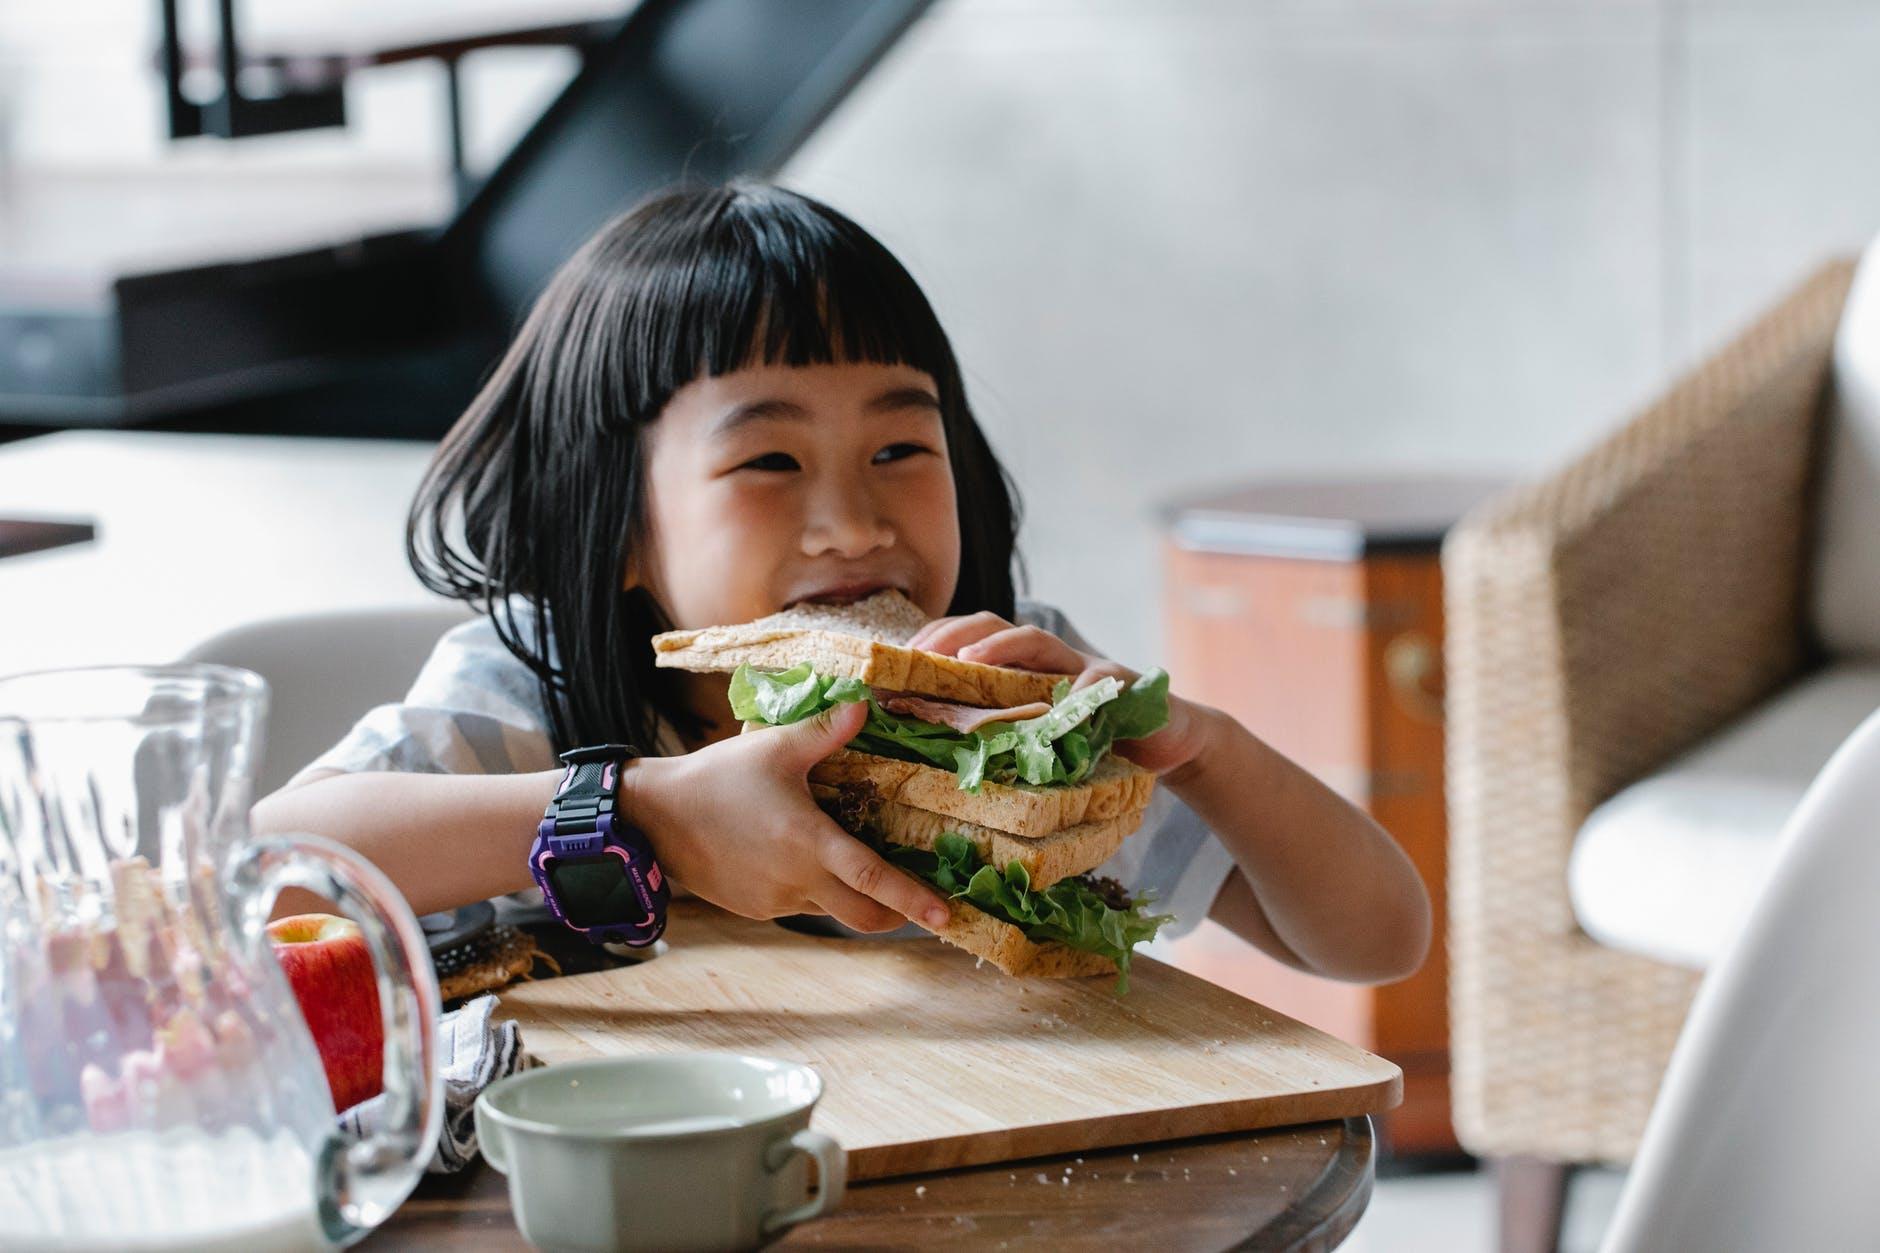 子供食堂のコロナ禍での現状と違和感